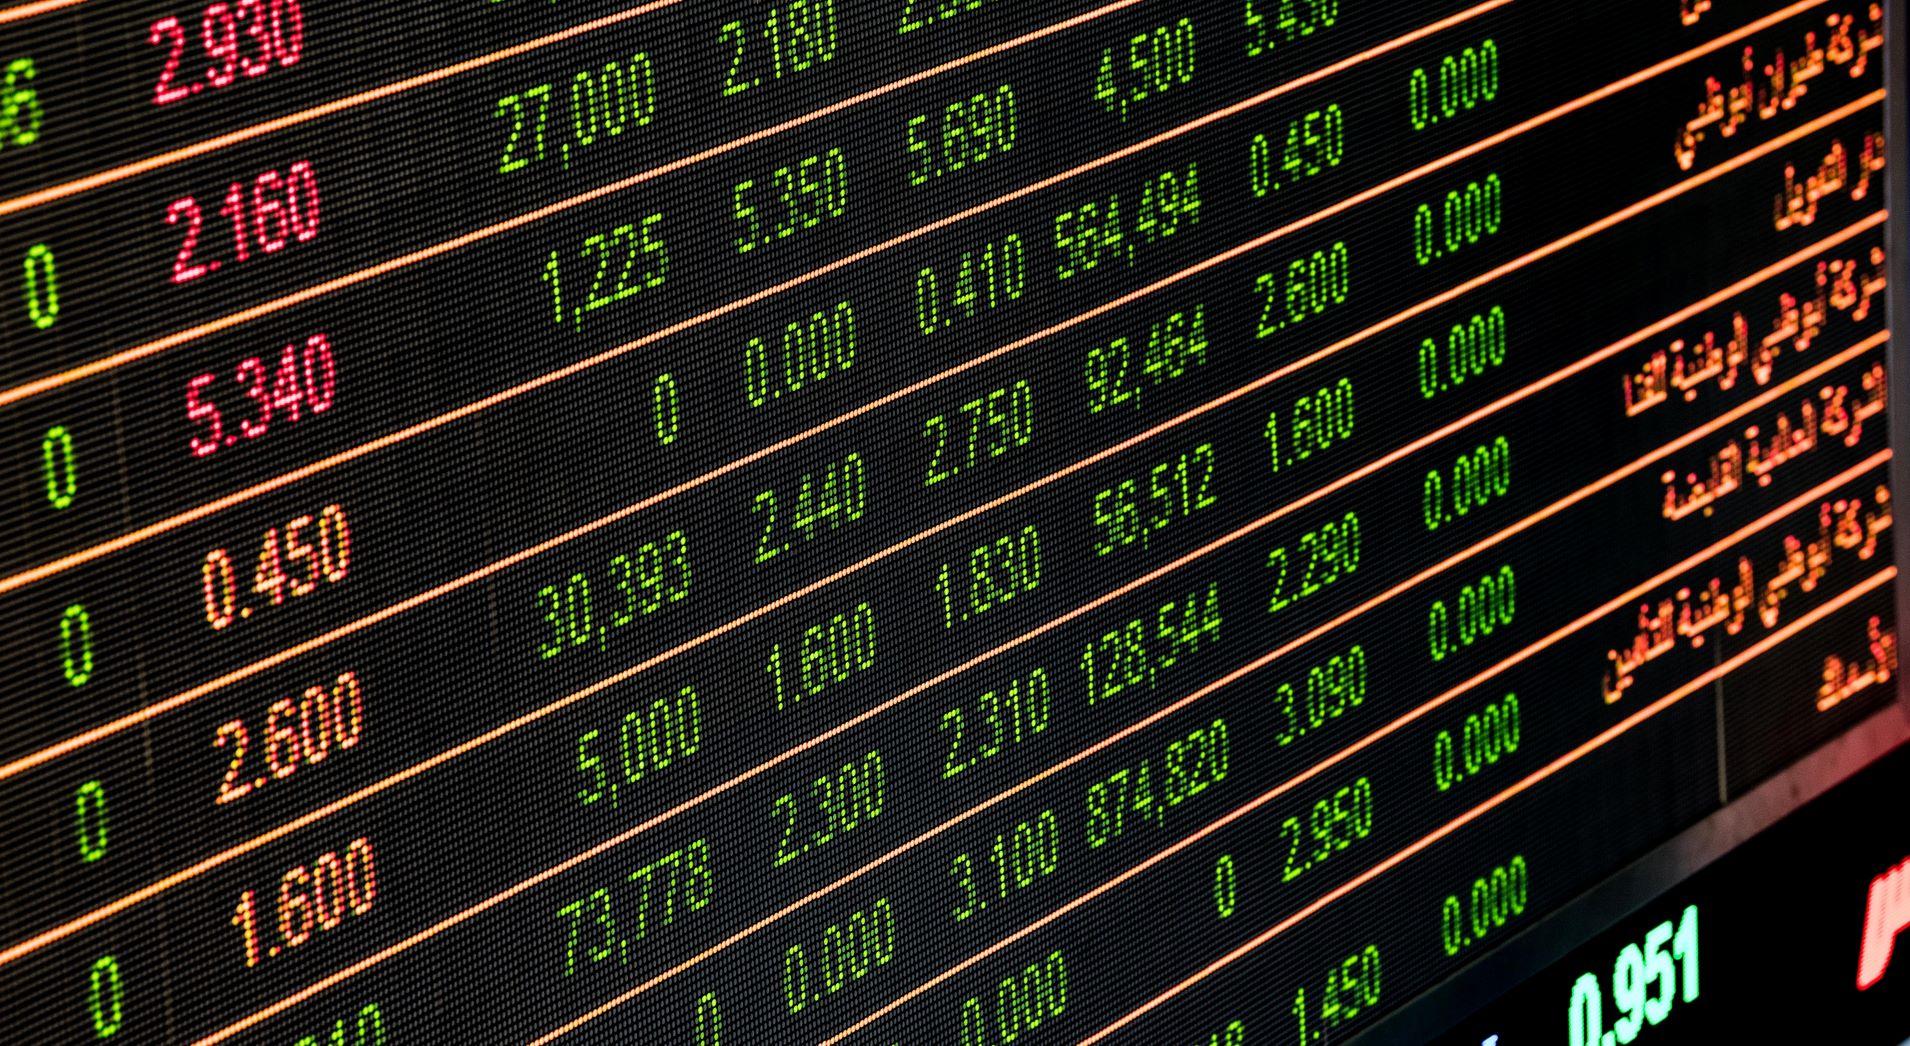 不預測漲跌,投資居然變得更簡單!